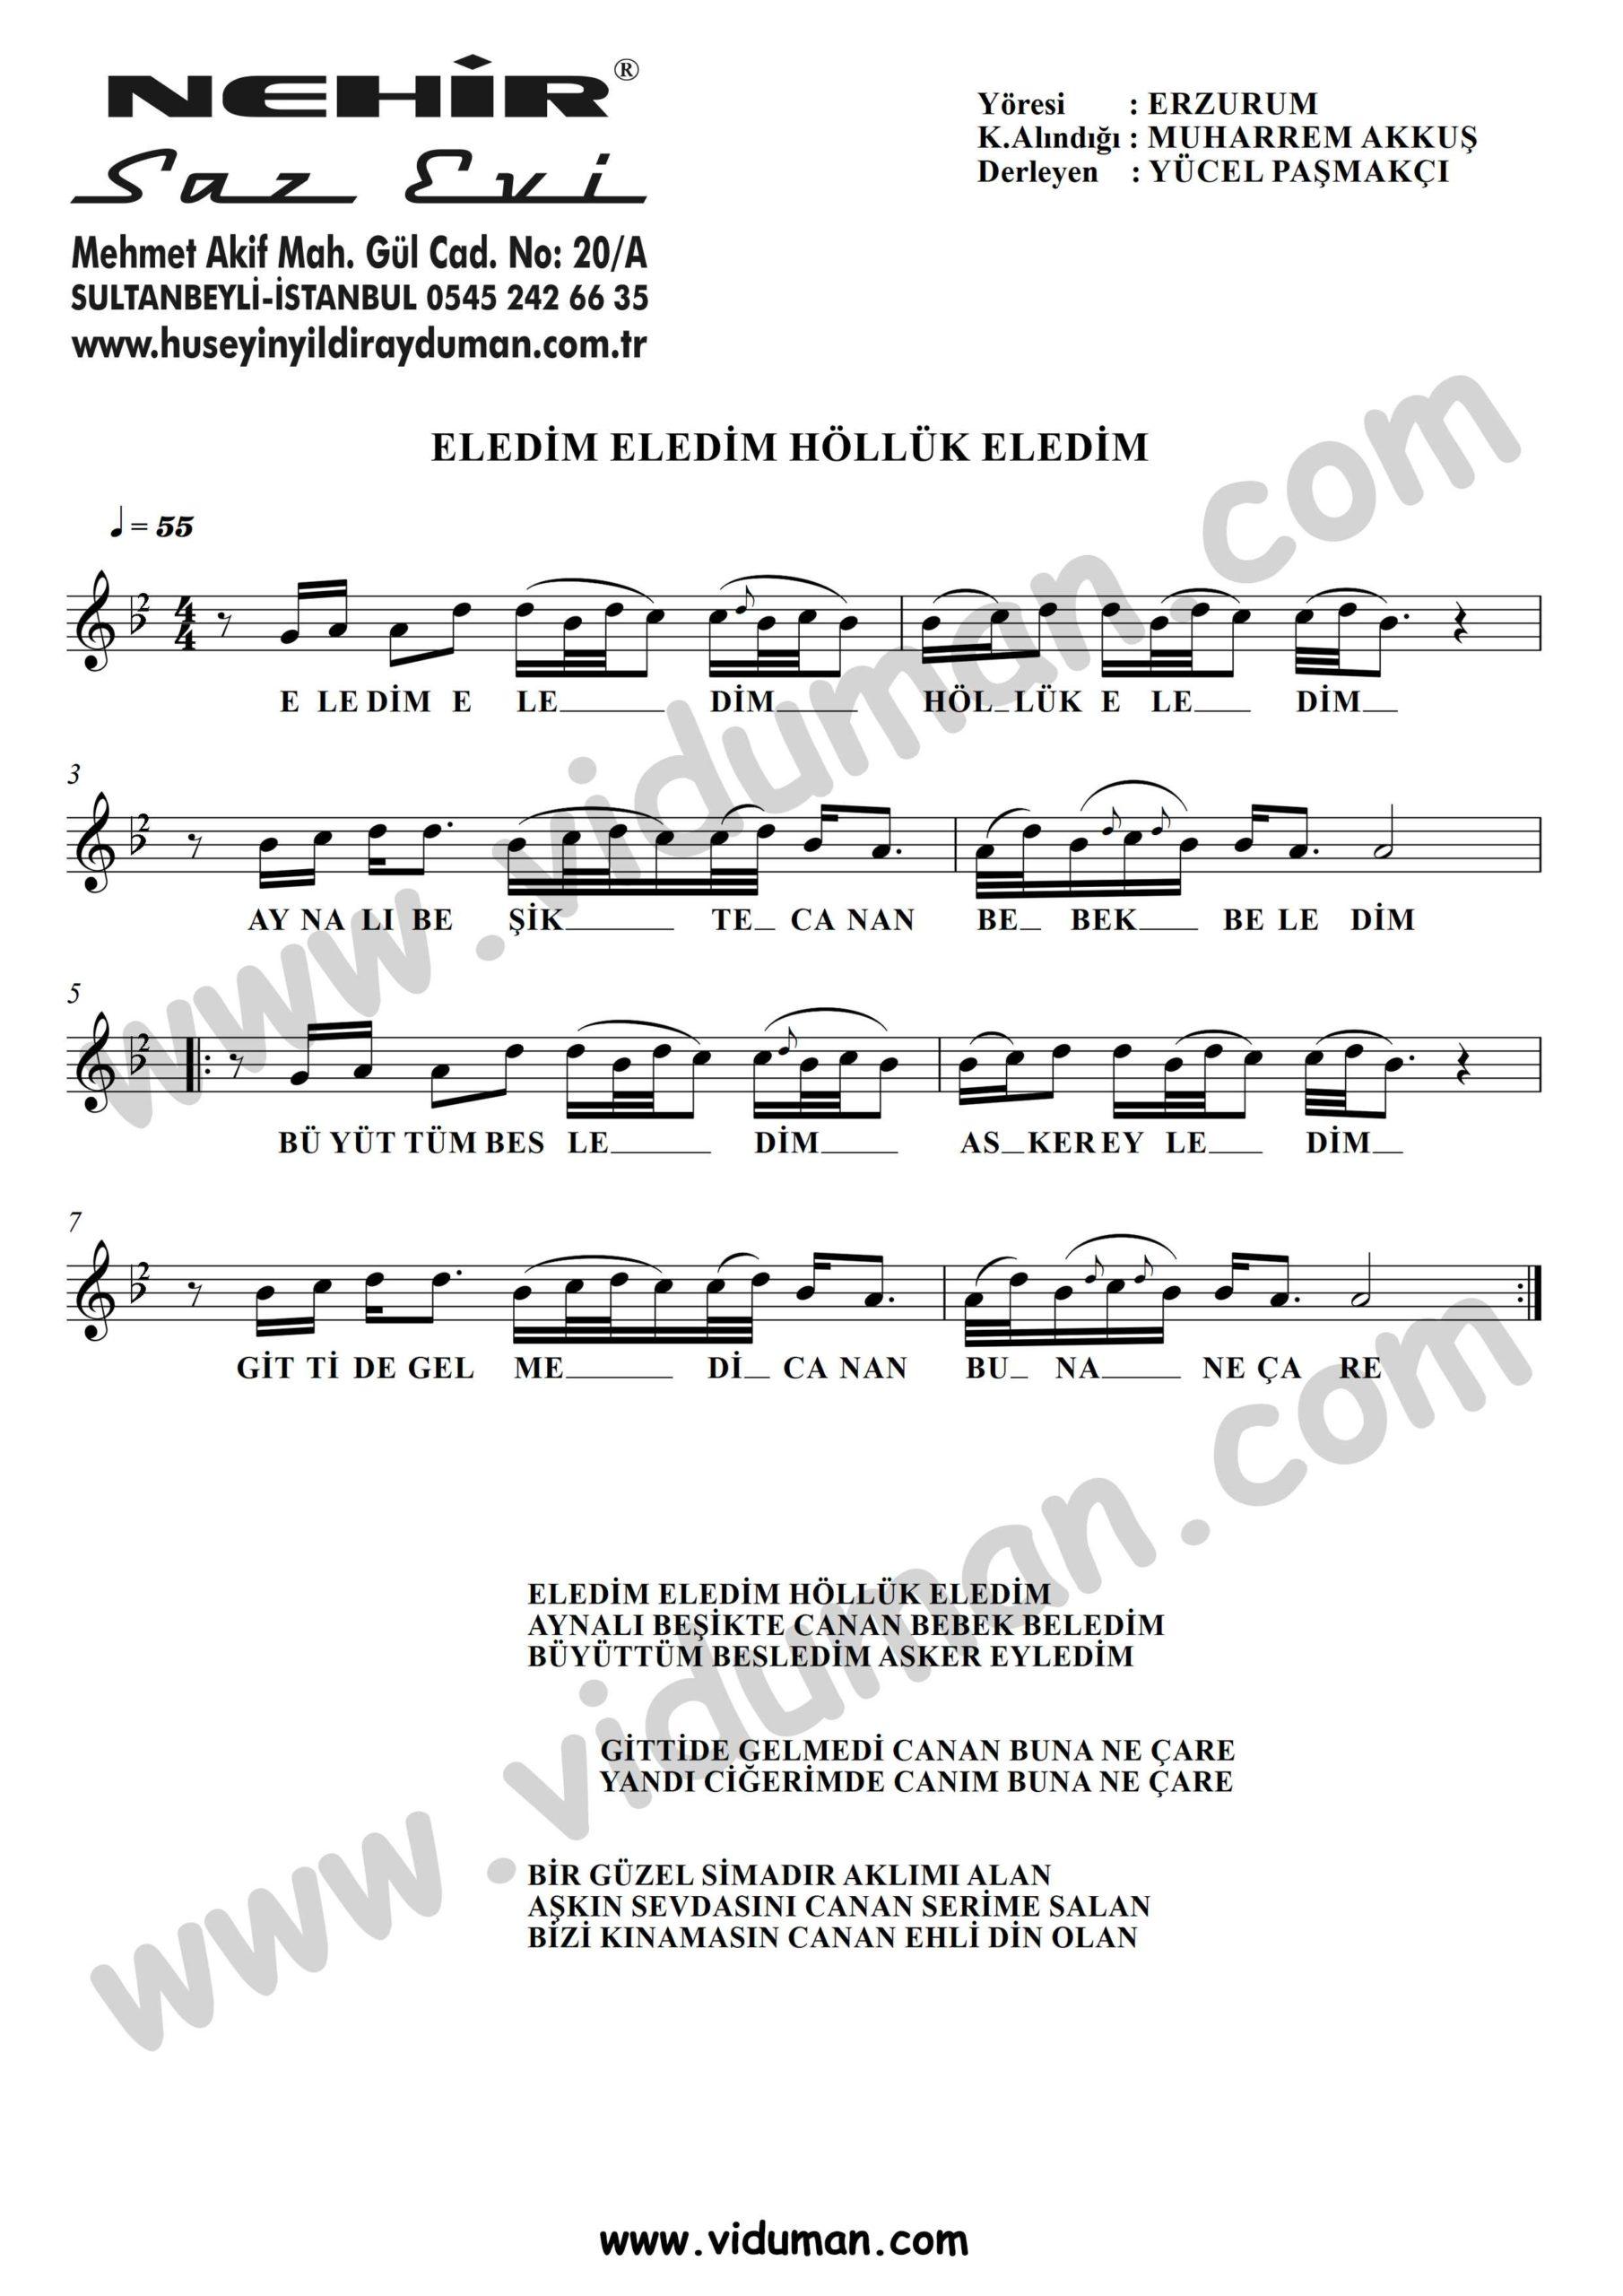 Eledim Eledim Holluk Eledim-Baglama-Saz-Notalari